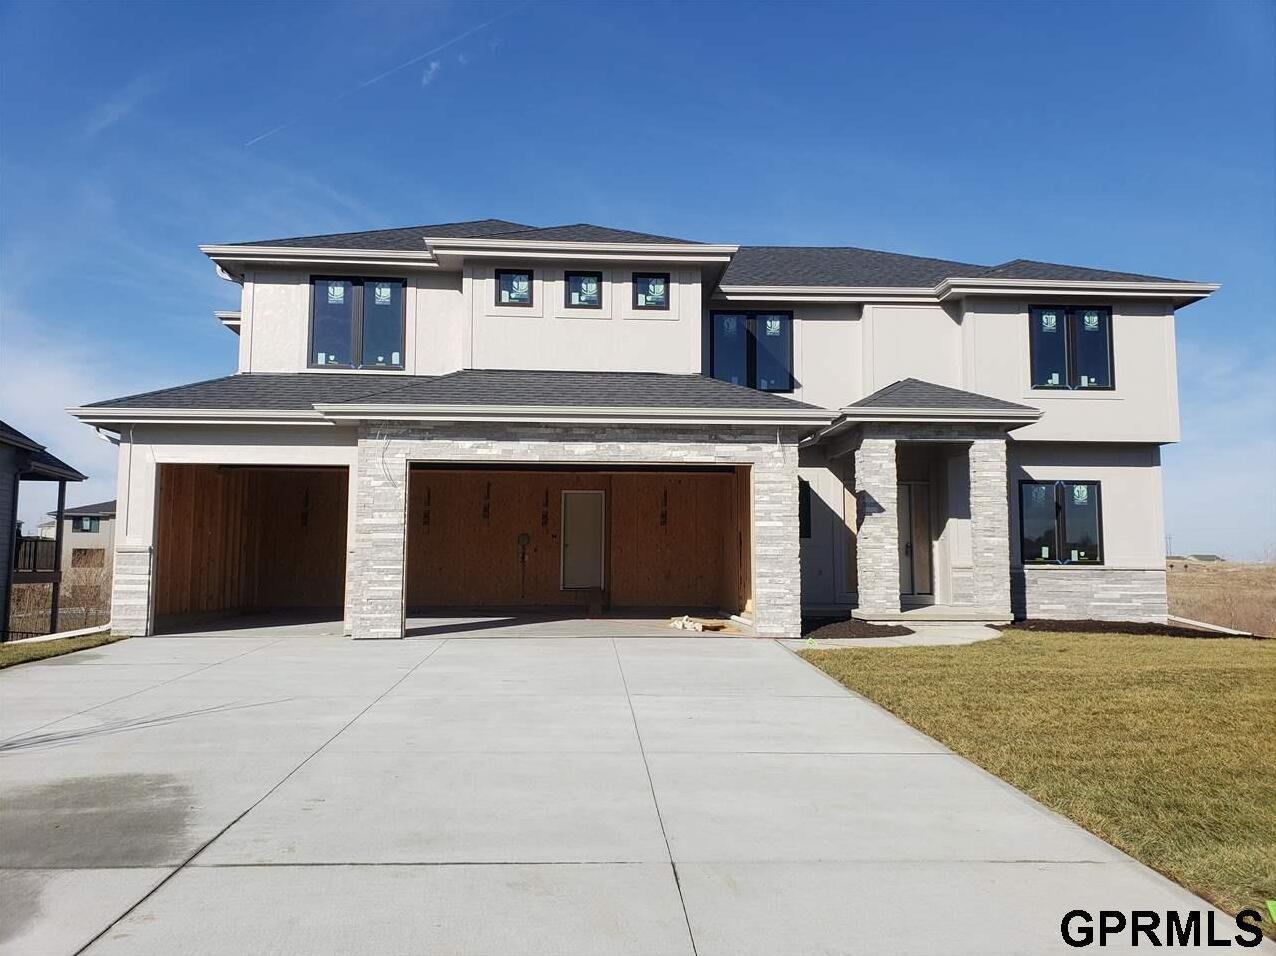 Photo of 18304 Cheyenne Road Gretna NE 68136